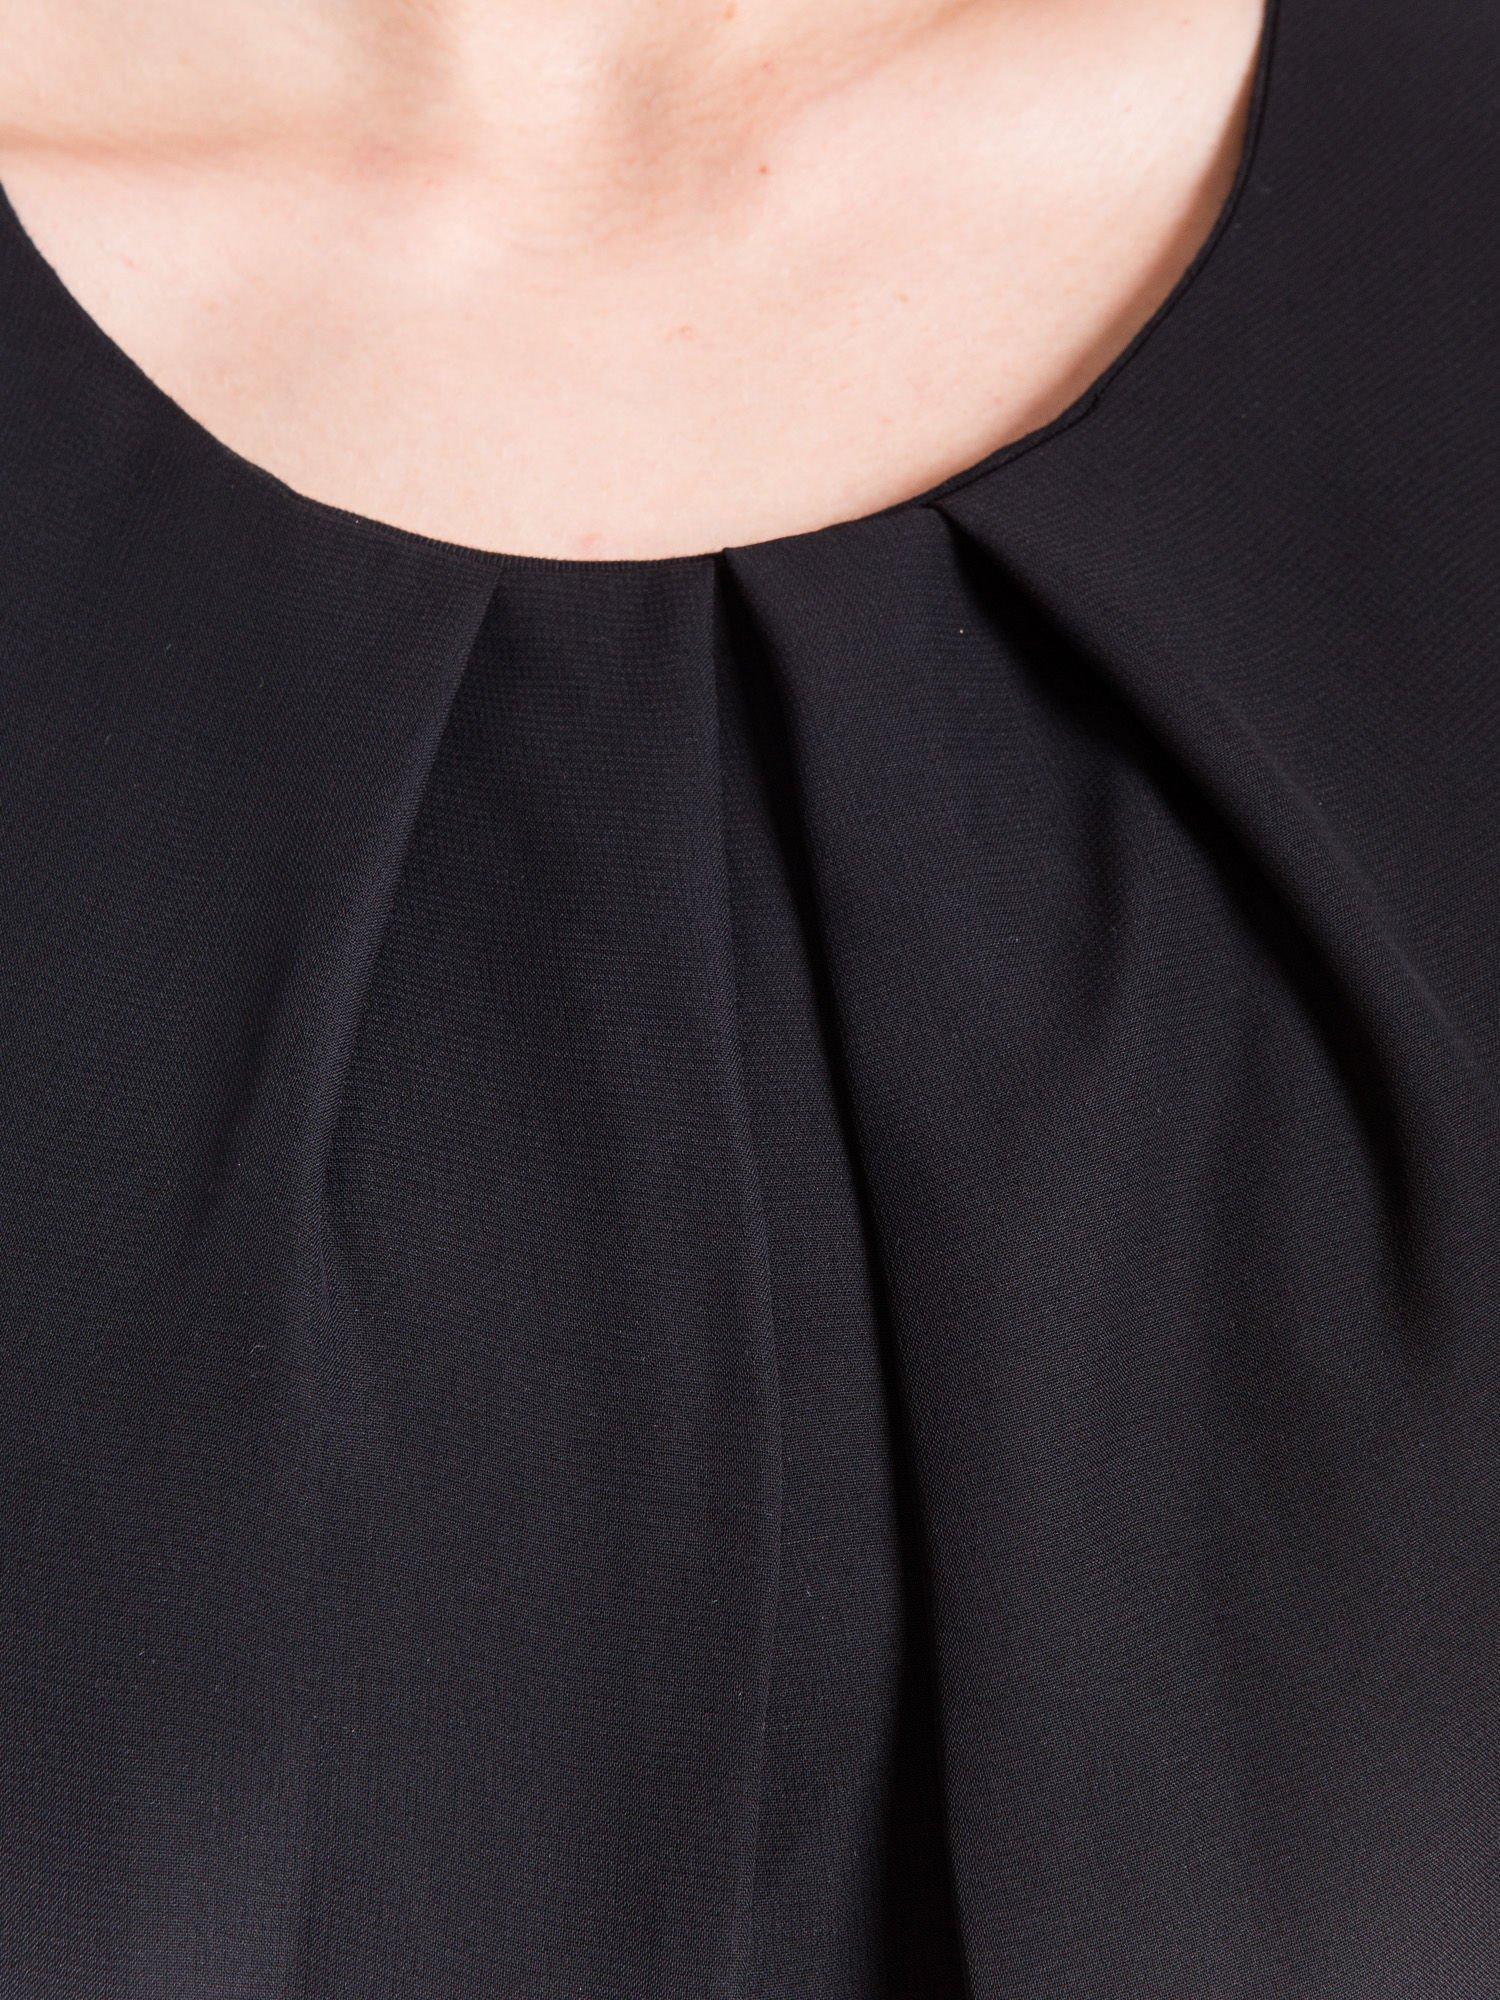 Czarny zwiewny t-shirt z plisami na dekolcie                                  zdj.                                  4